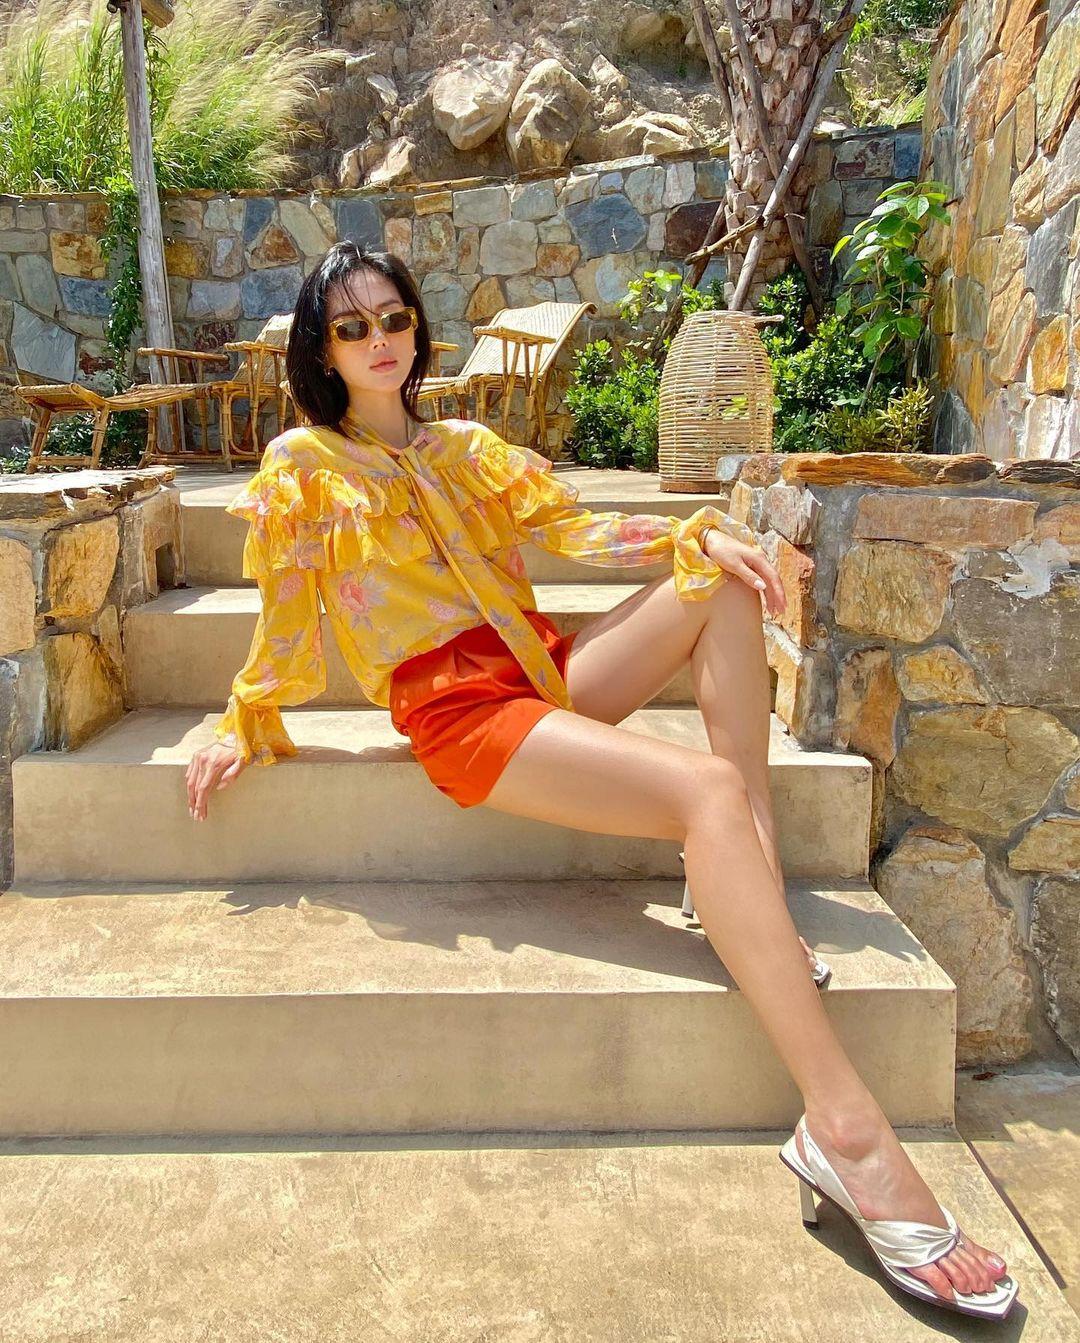 Đồ local brand sao Việt vừa diện: Toàn món rẻ đẹp chỉ từ 260k, bất ngờ nhất là váy sexy giá chưa đến 400k của Lan Ngọc - Ảnh 5.